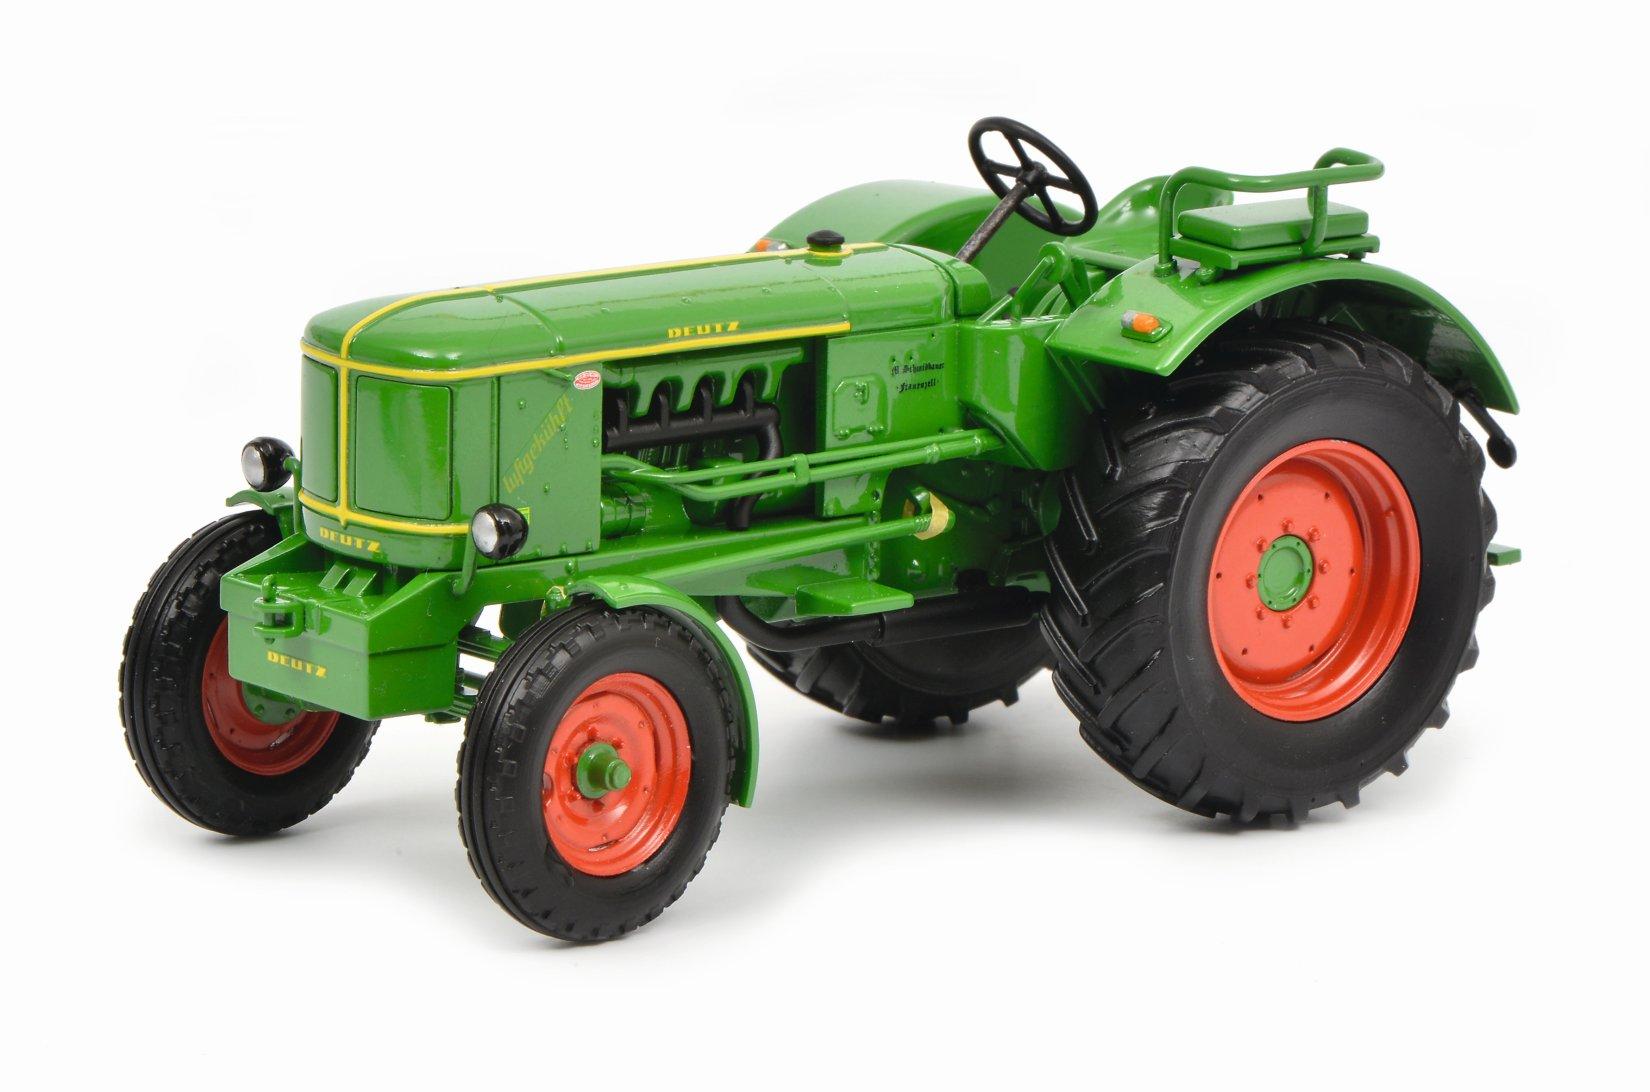 SCHUCO-Modell Deutz F4 L514 - 1:32